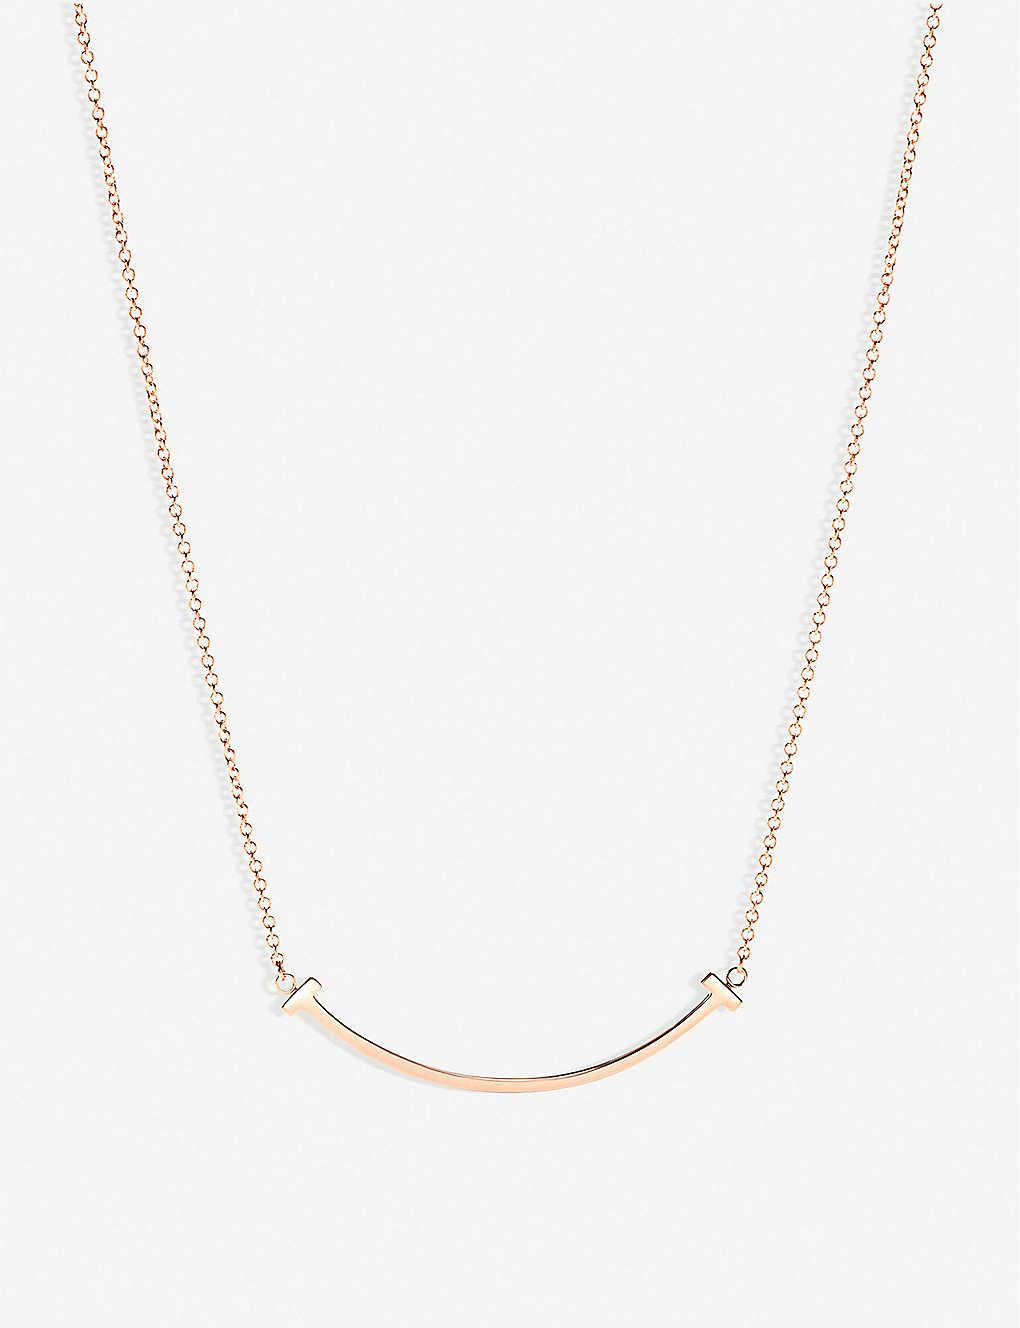 fcd3057dc TIFFANY & CO - Tiffany T smile pendant in 18k rose-gold, mini ...